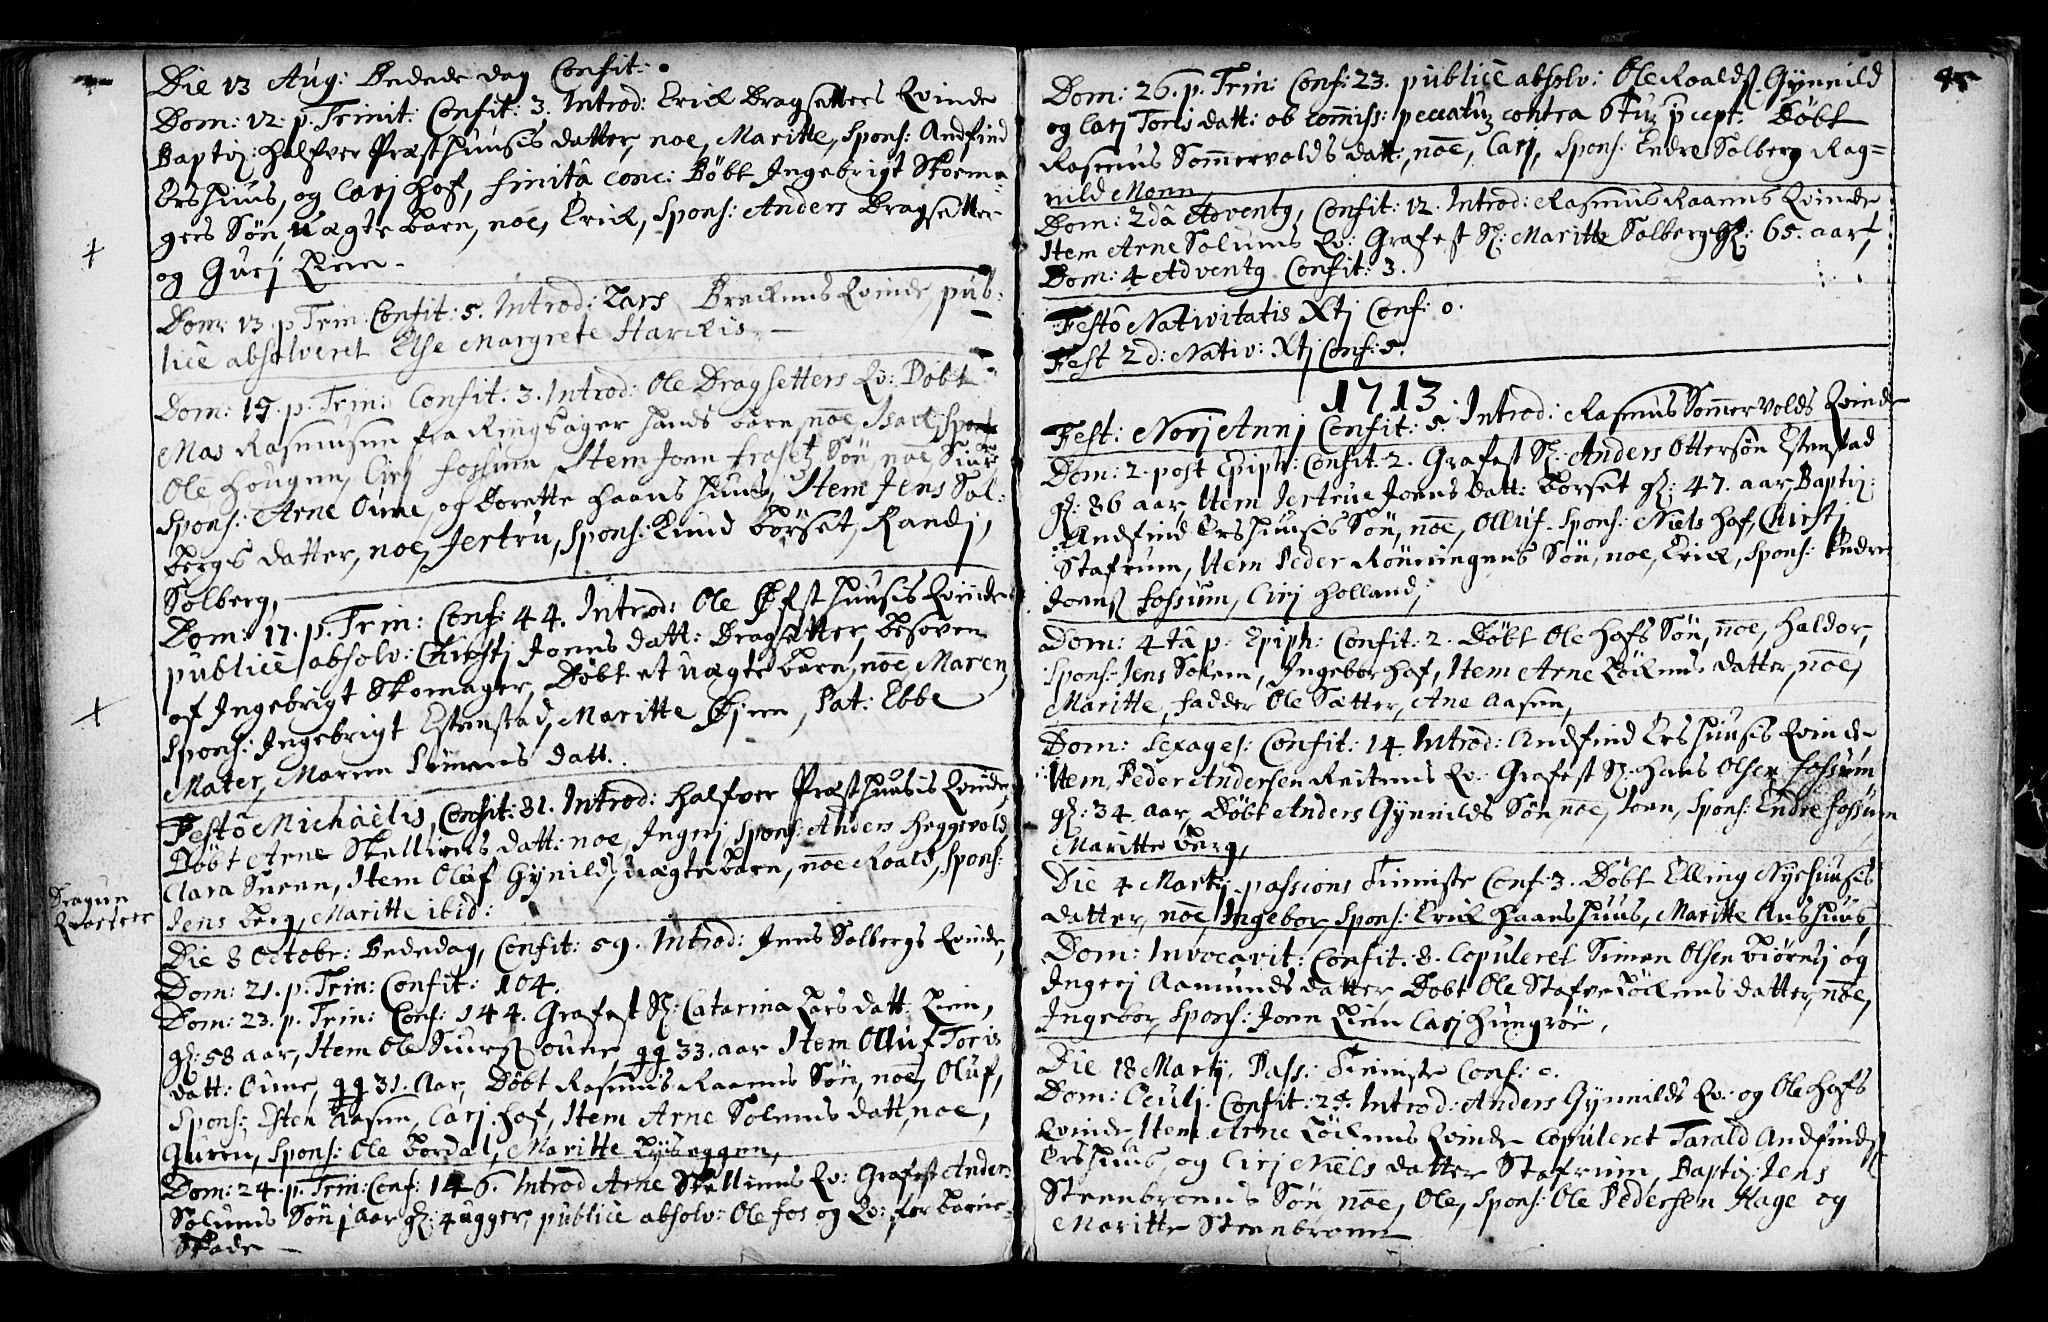 SAT, Ministerialprotokoller, klokkerbøker og fødselsregistre - Sør-Trøndelag, 689/L1036: Ministerialbok nr. 689A01, 1696-1746, s. 45